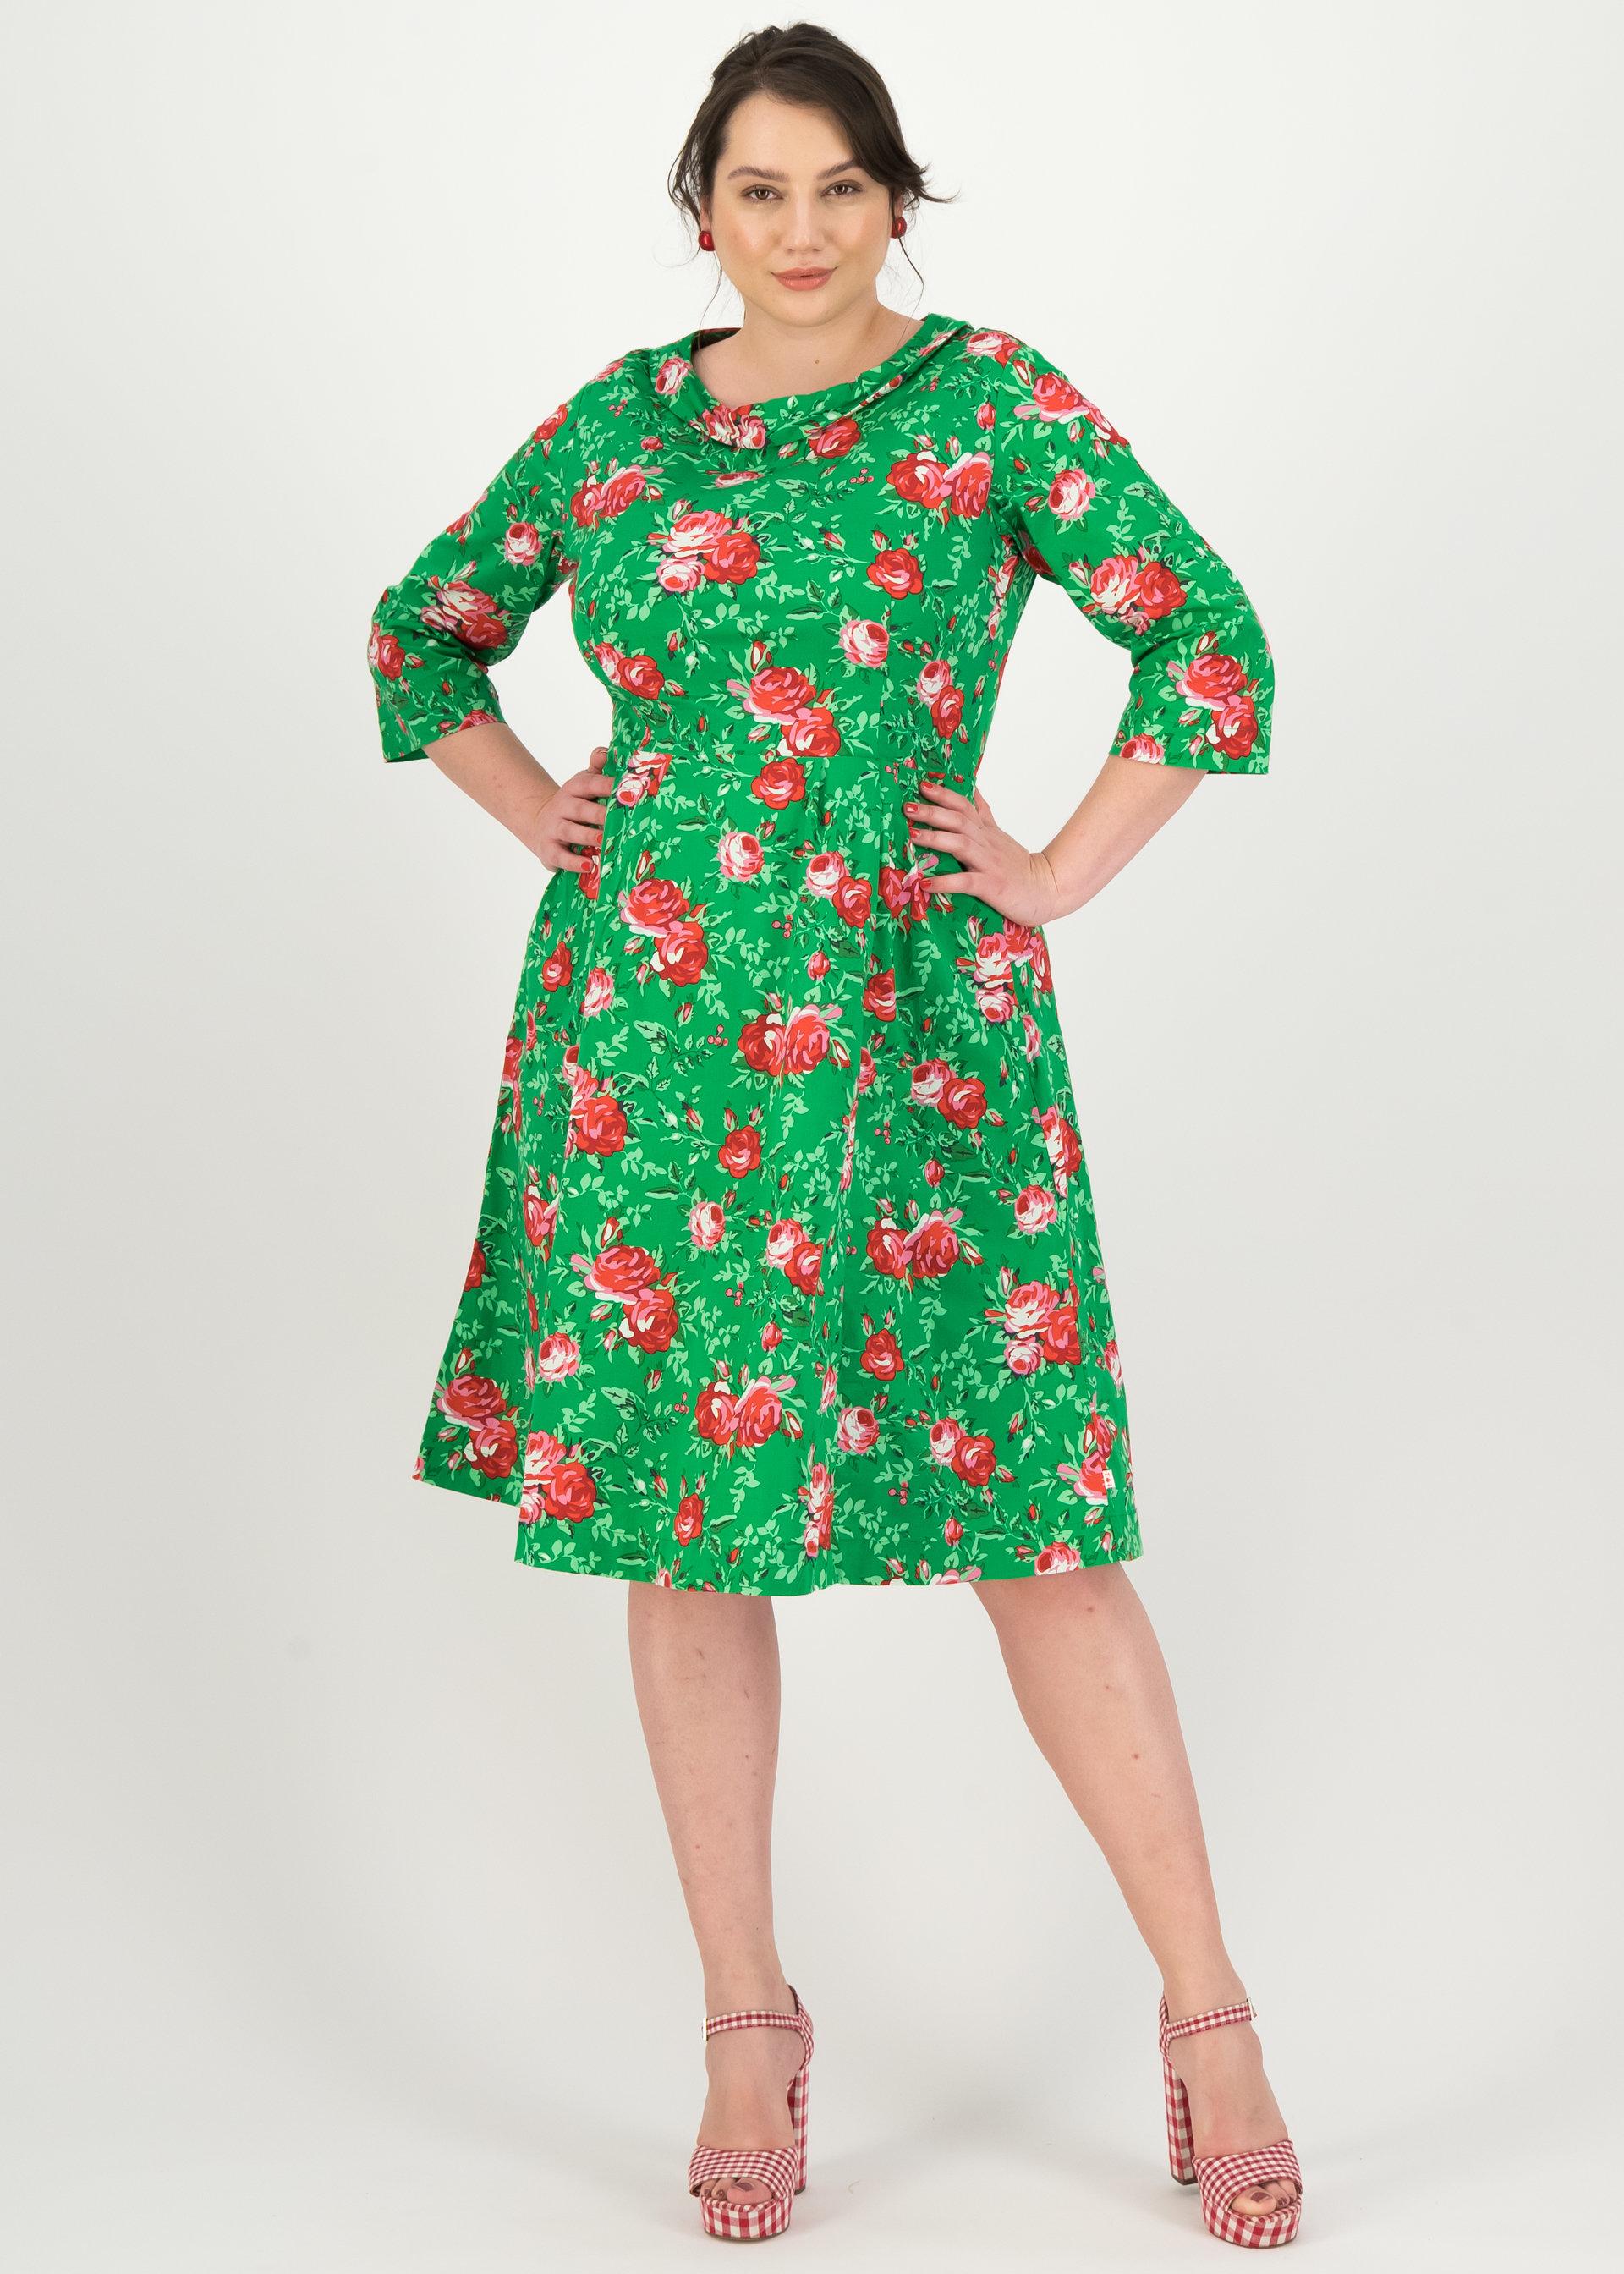 Blutsgeschwister Kleid mittellang mit floralem Muster grün